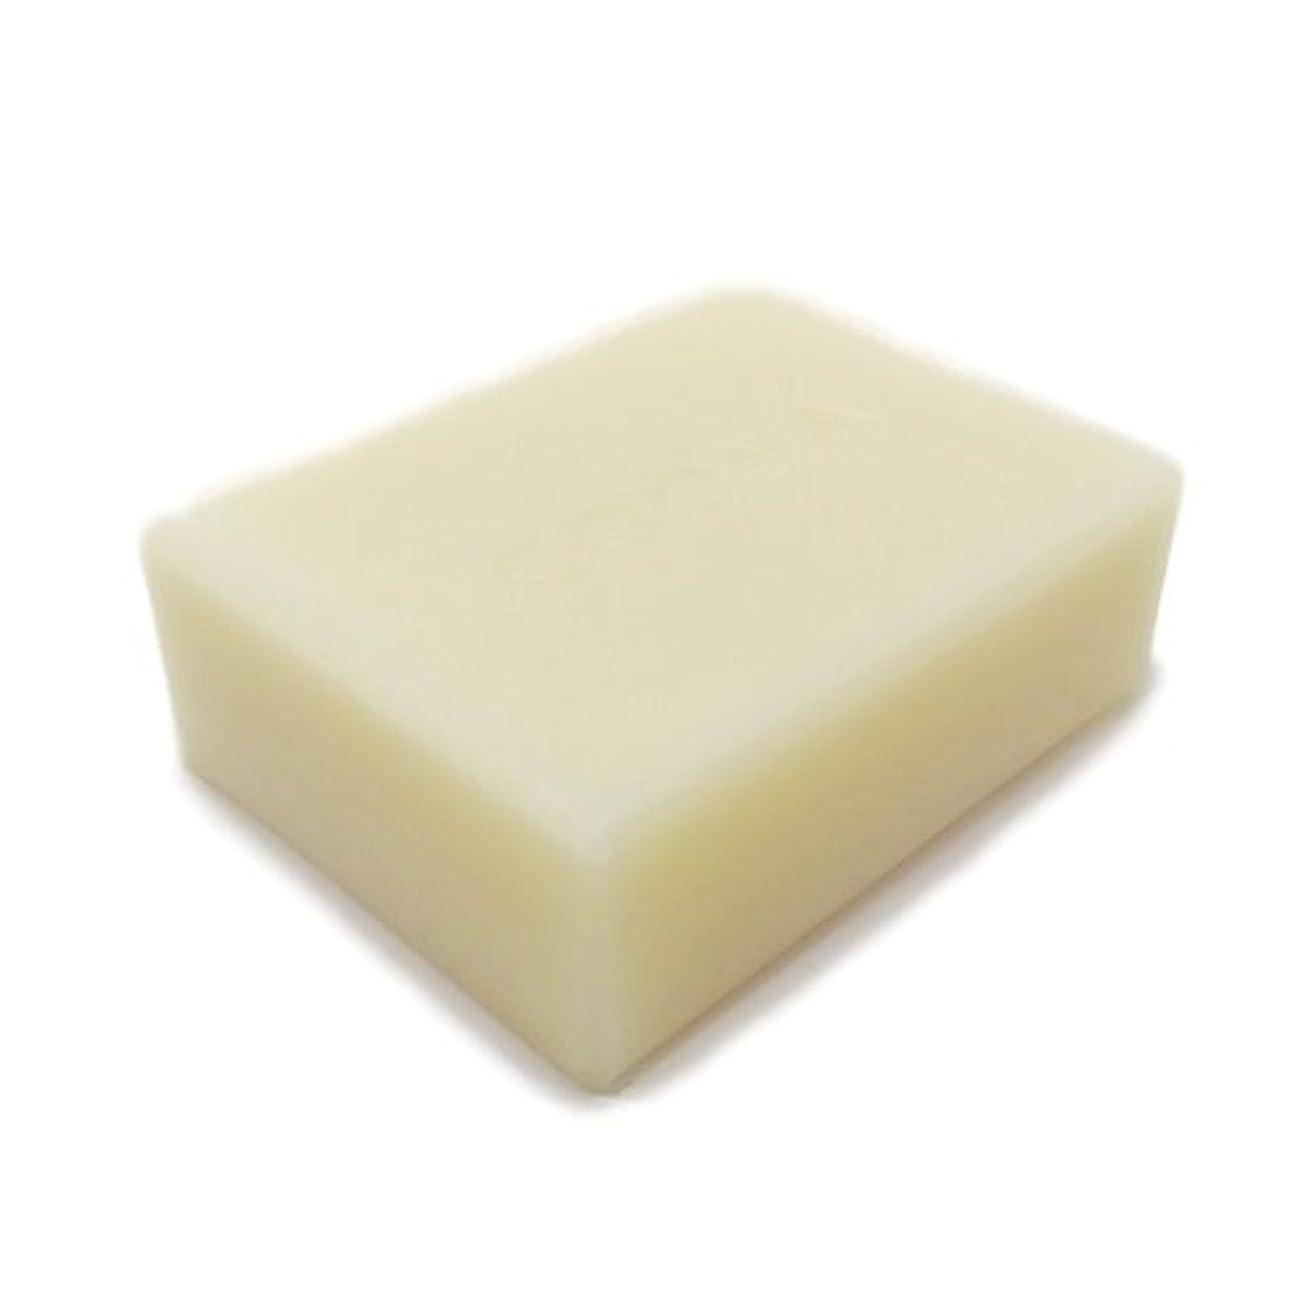 鳩暴力的な束浴用石鹸 COONA和の香り石けん ゆず (天然素材 自然派 コールドプロセス 手作り せっけん) 80g